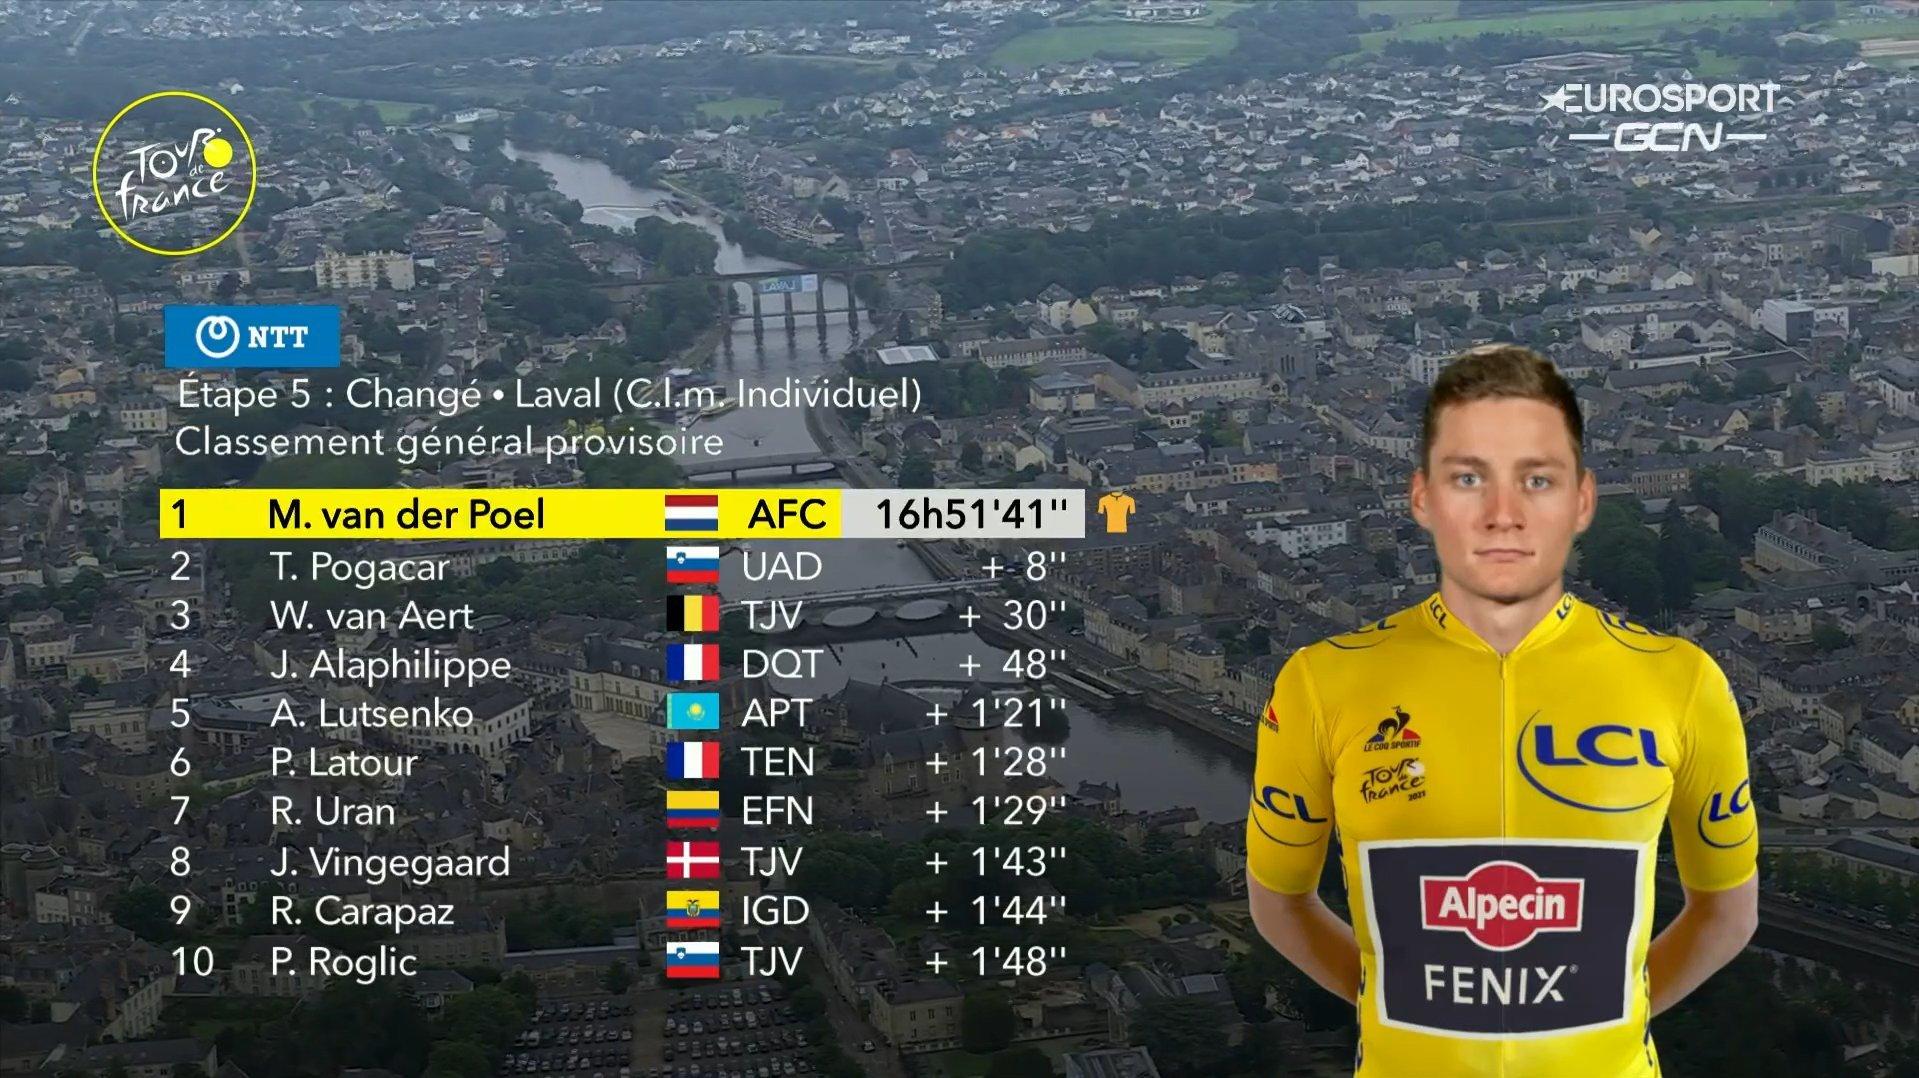 Tadej Pogacar routs rivals in Tour de France time trial